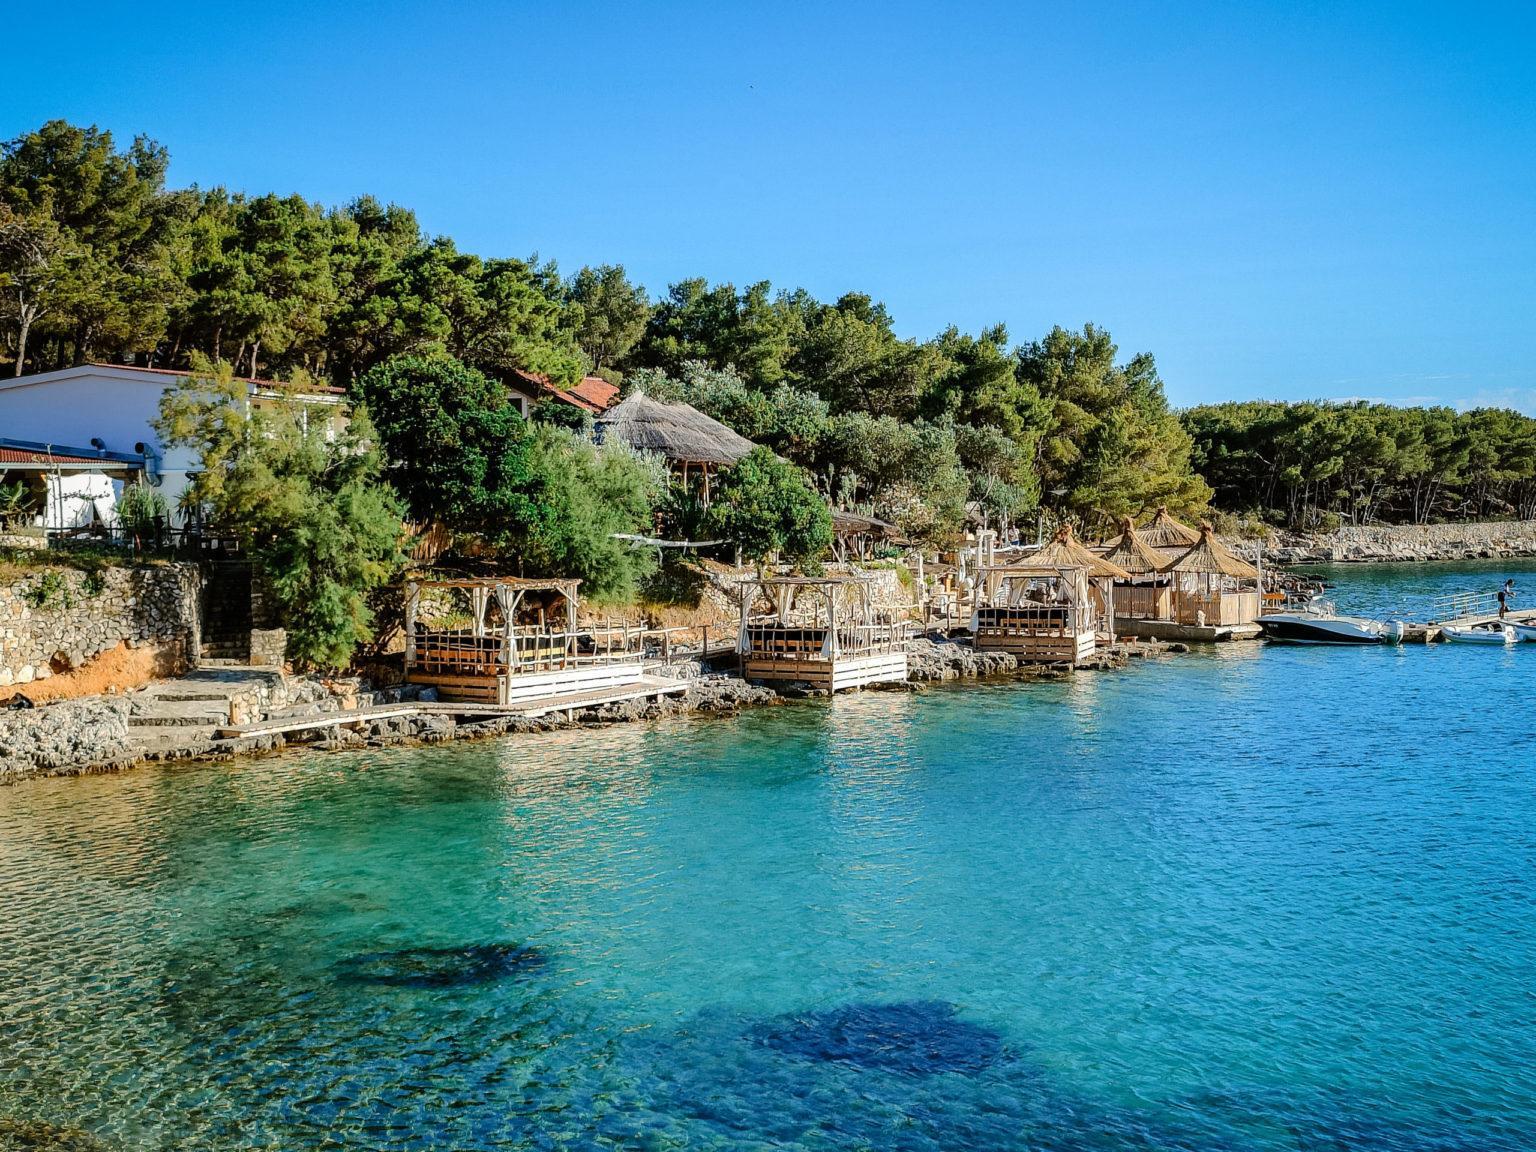 hochzeitslocation Kroatien location hochzeit heiraten 1 5 scaled - Beachclub in der Bucht